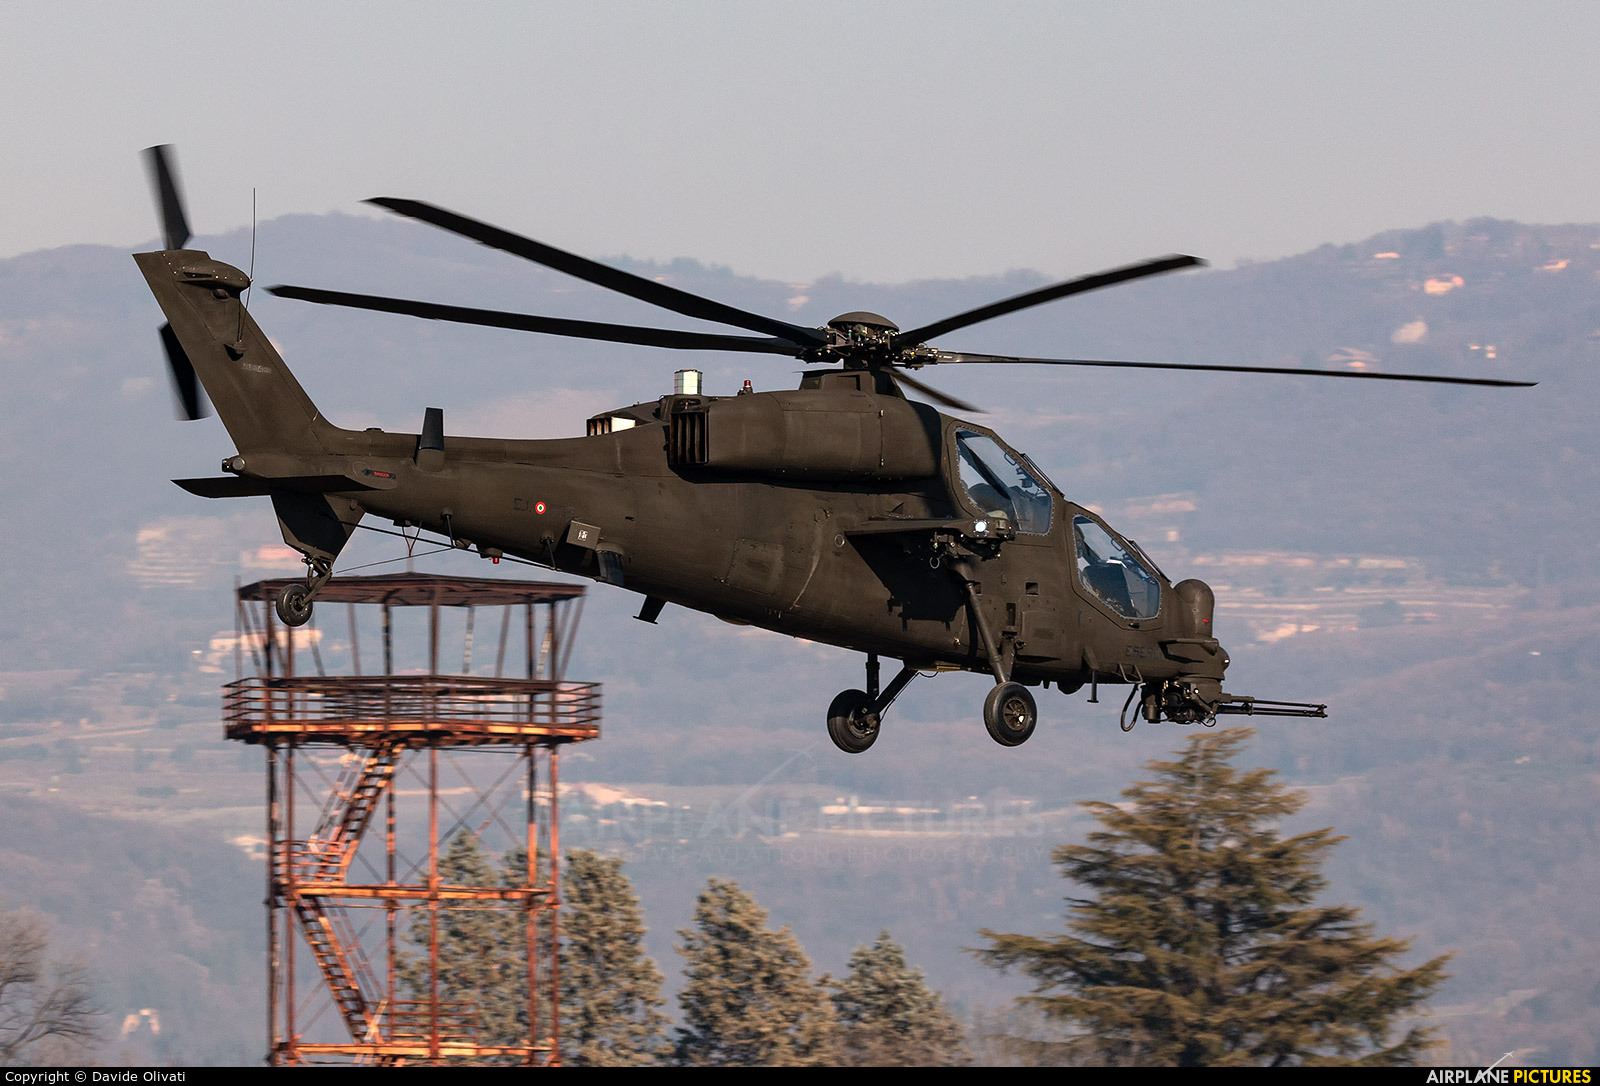 Italy - Army MM81425 aircraft at Modena